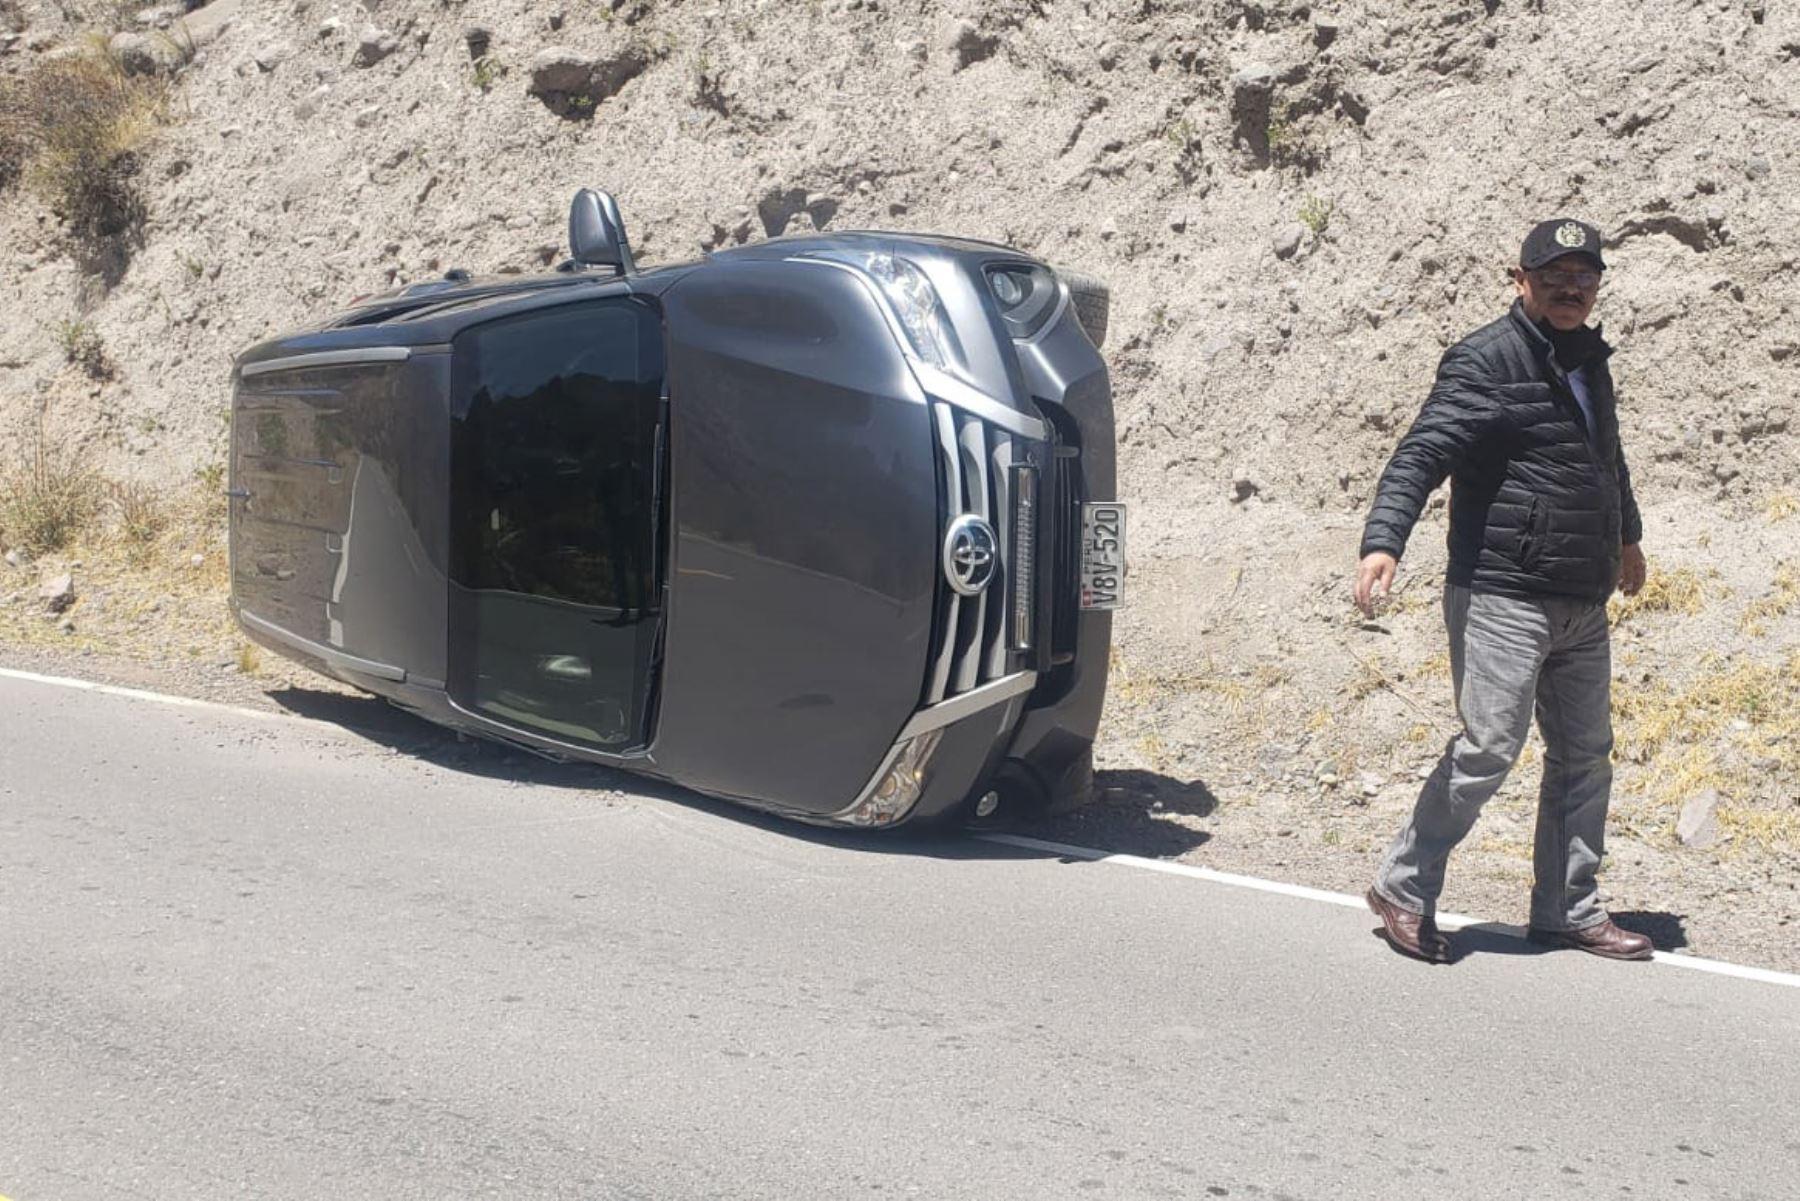 La camioneta de placa V8V-520, en que viajaba el congresista por Arequipa Edgar Alarcón se despistó cuando se dirigía a Callalli. Foto: ANDINA/Difusión